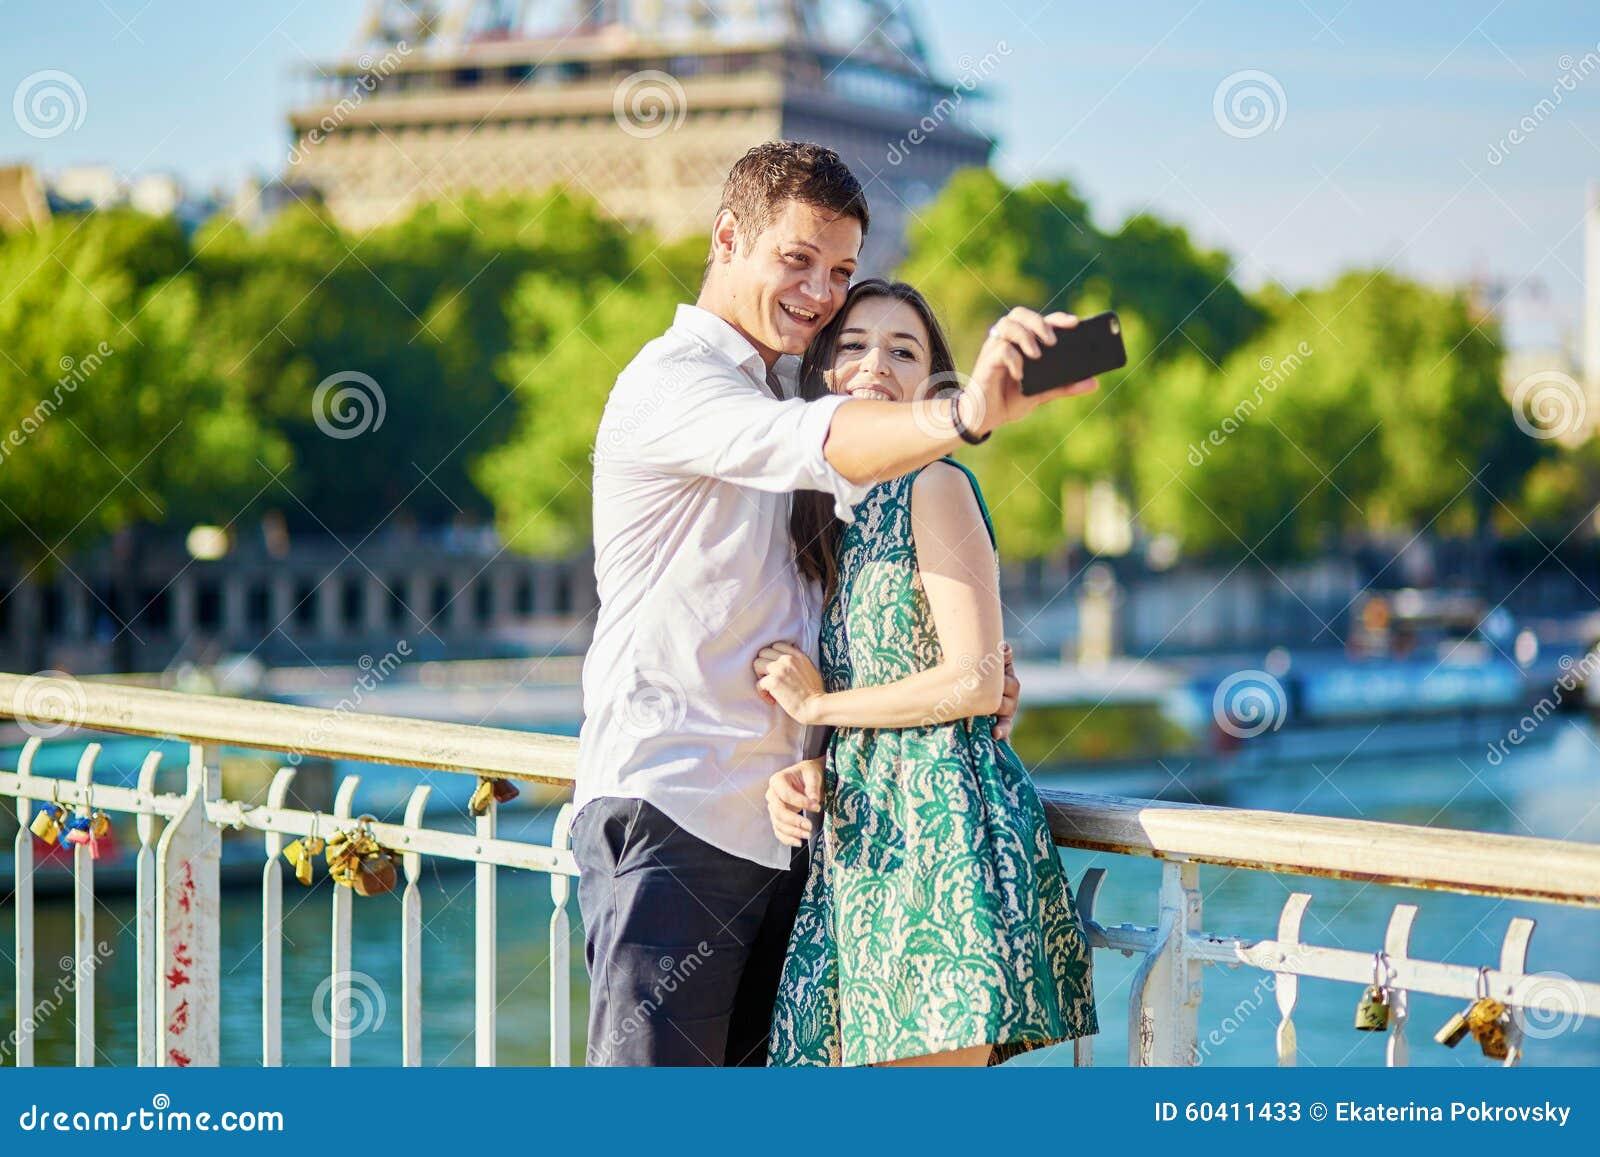 度过他们的假期的年轻浪漫夫妇在巴黎